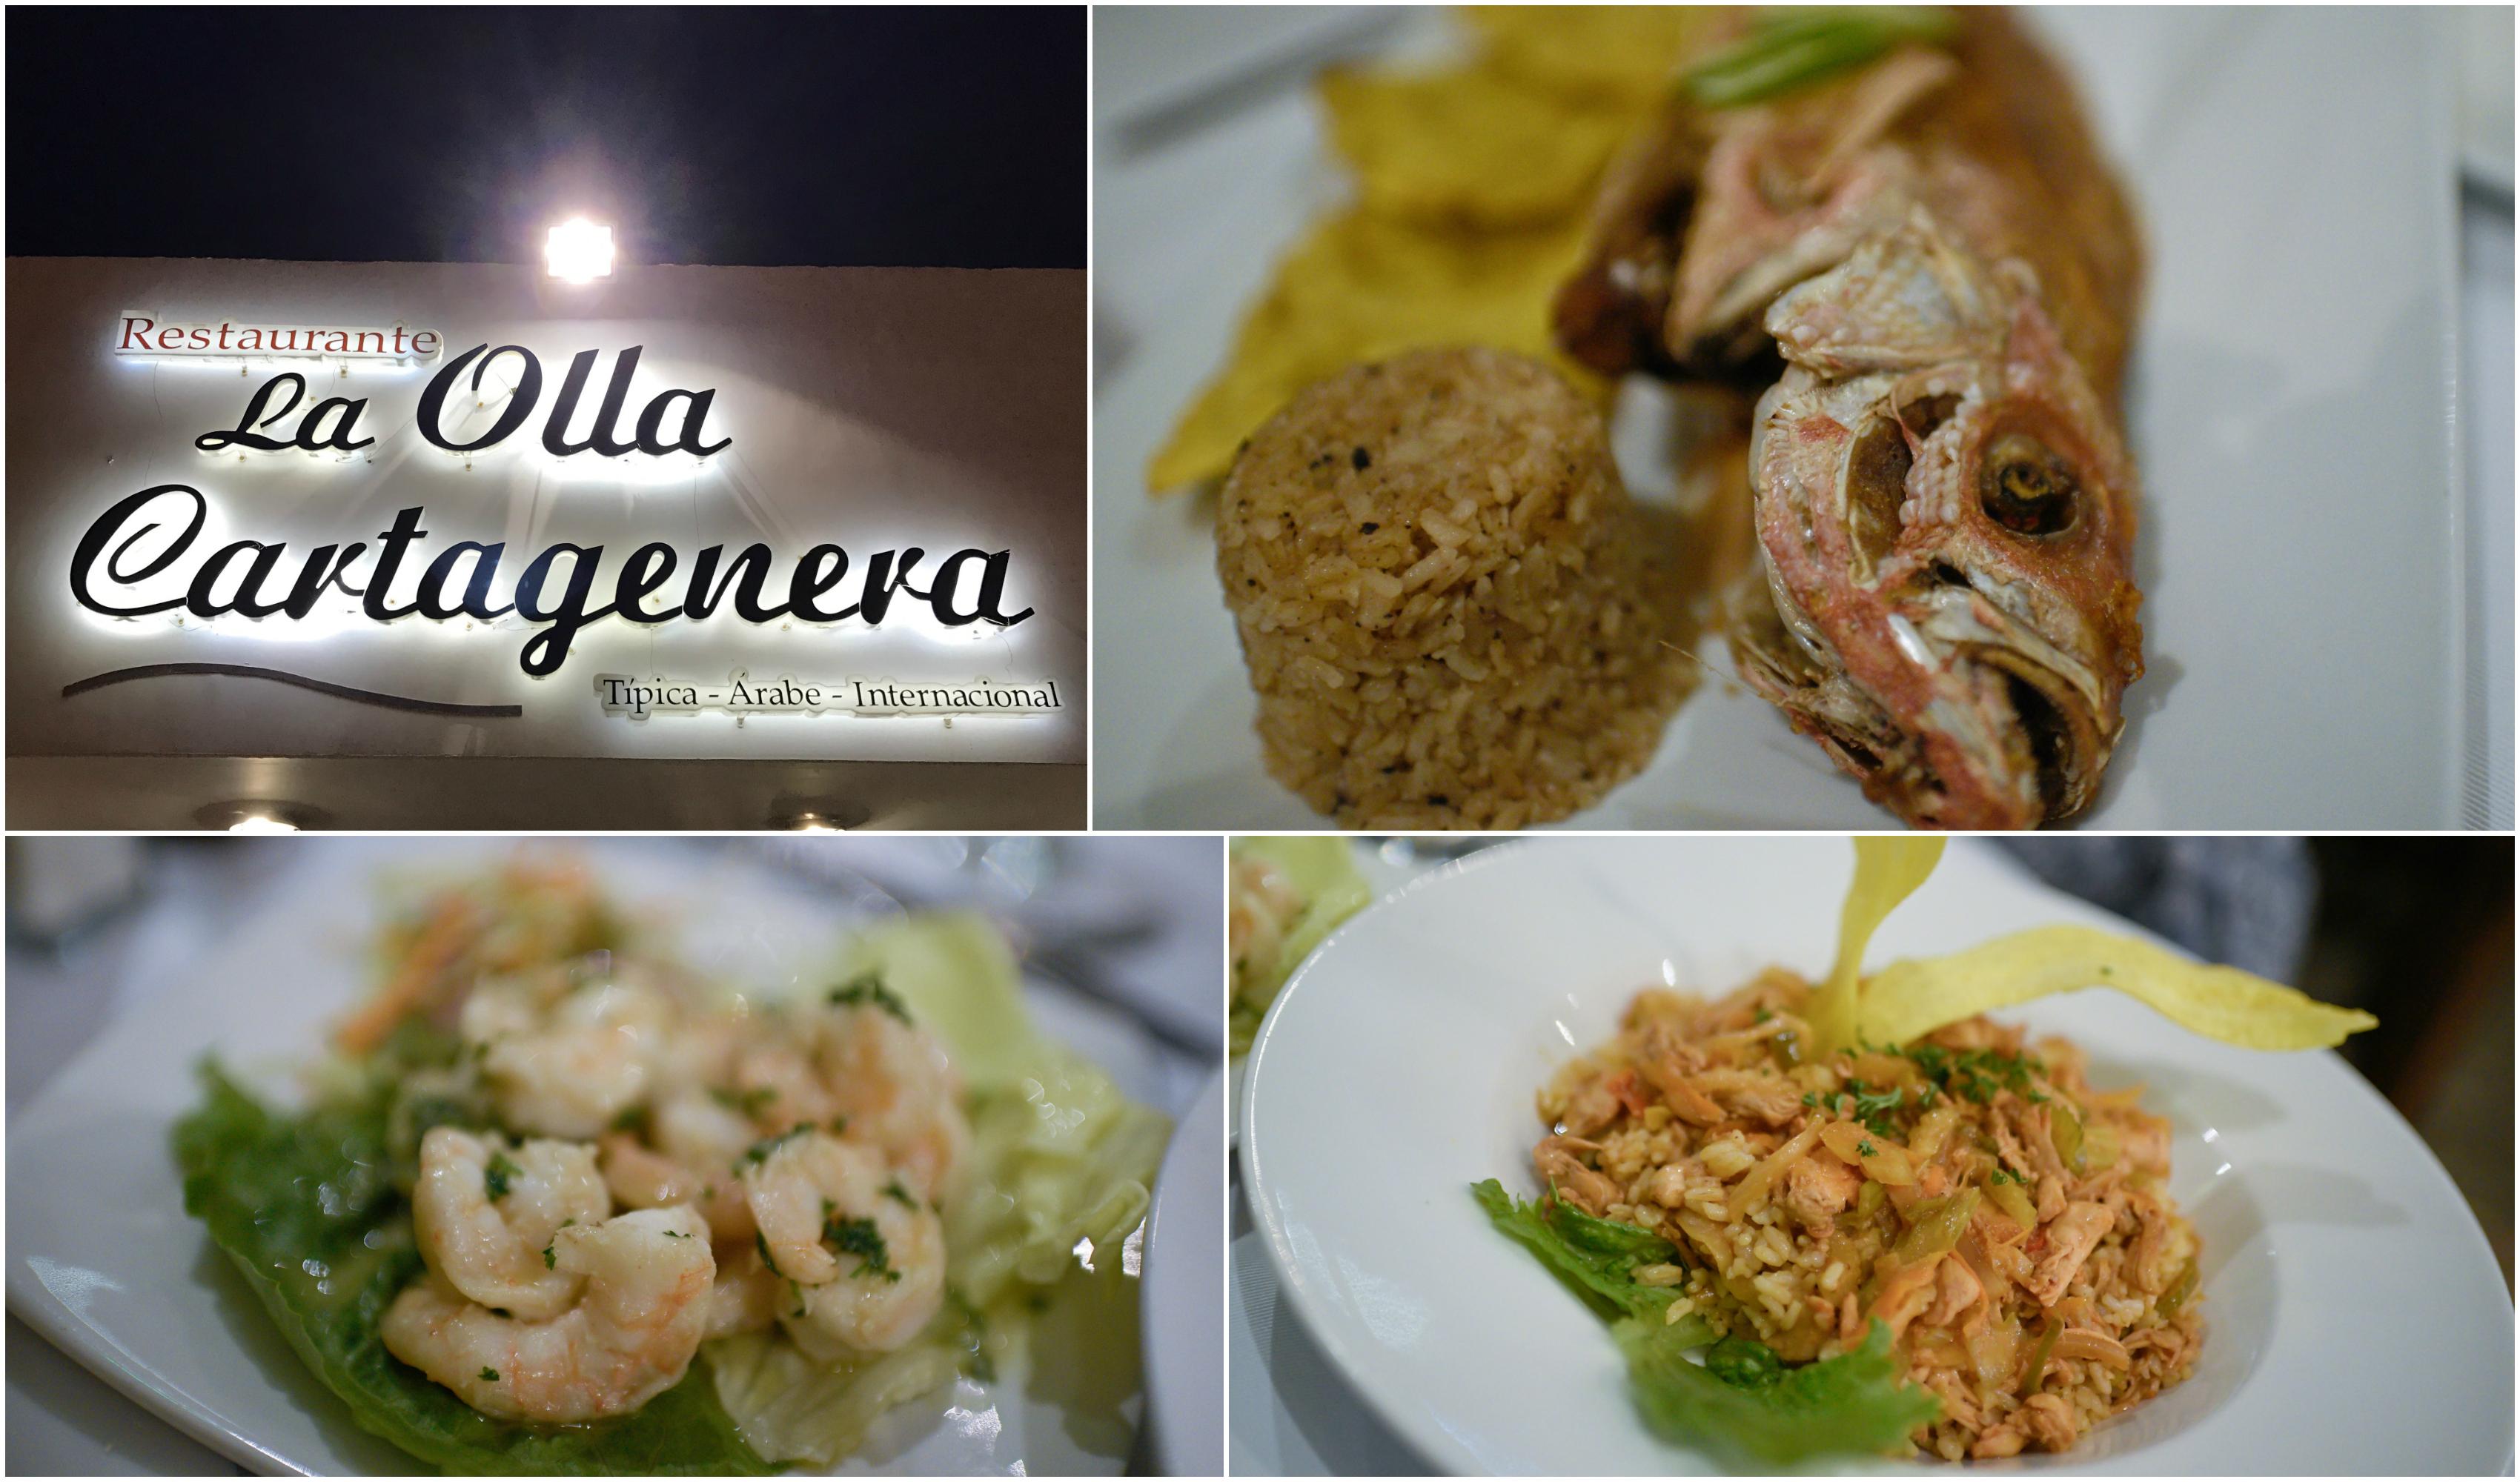 cartagena restaurant